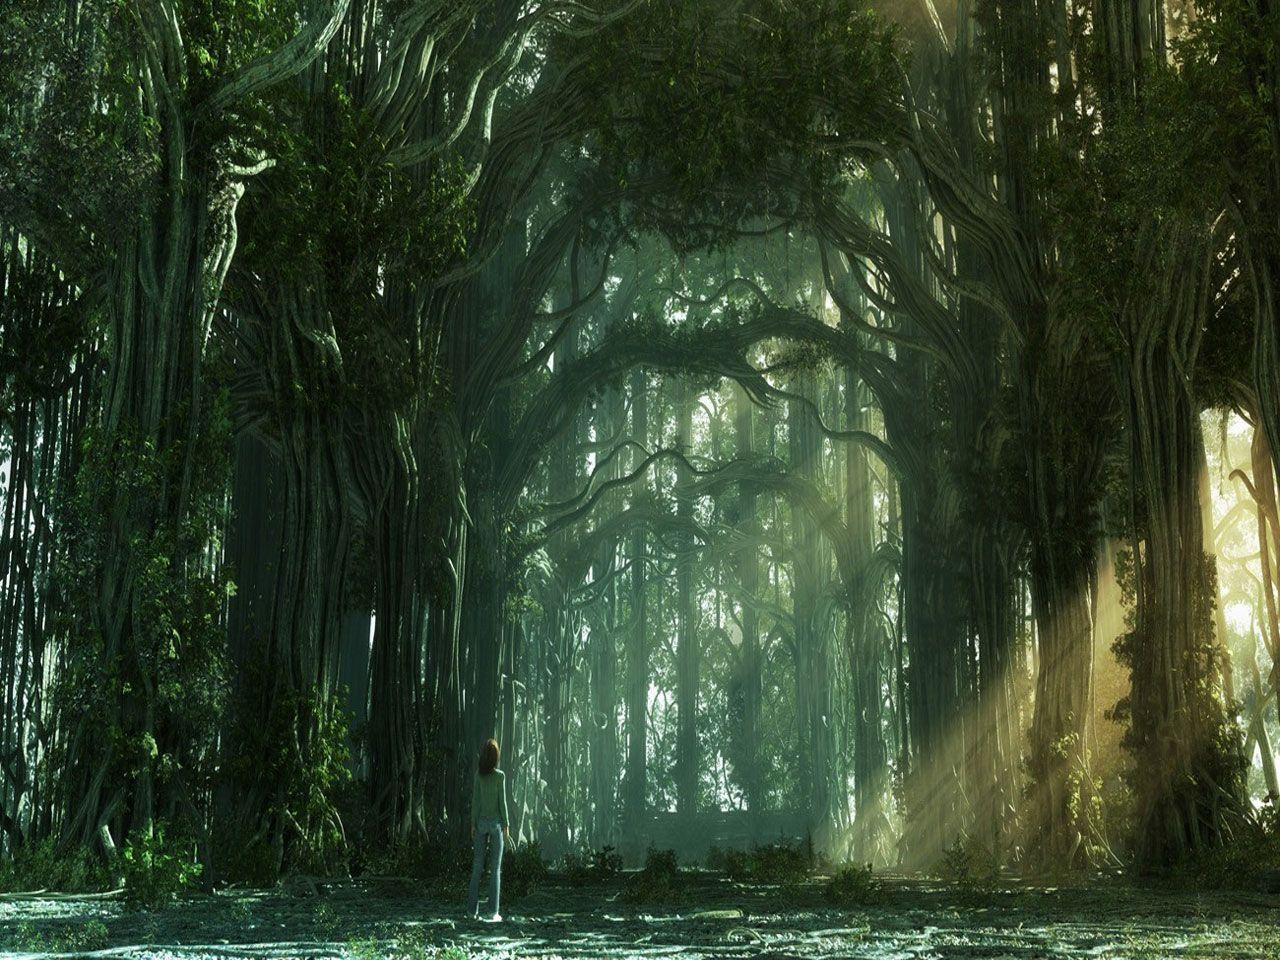 Hình nền rừng 1280x960 - Bing Bilder.  Khu rừng tưởng tượng, Nền tưởng tượng, Hình nền rừng